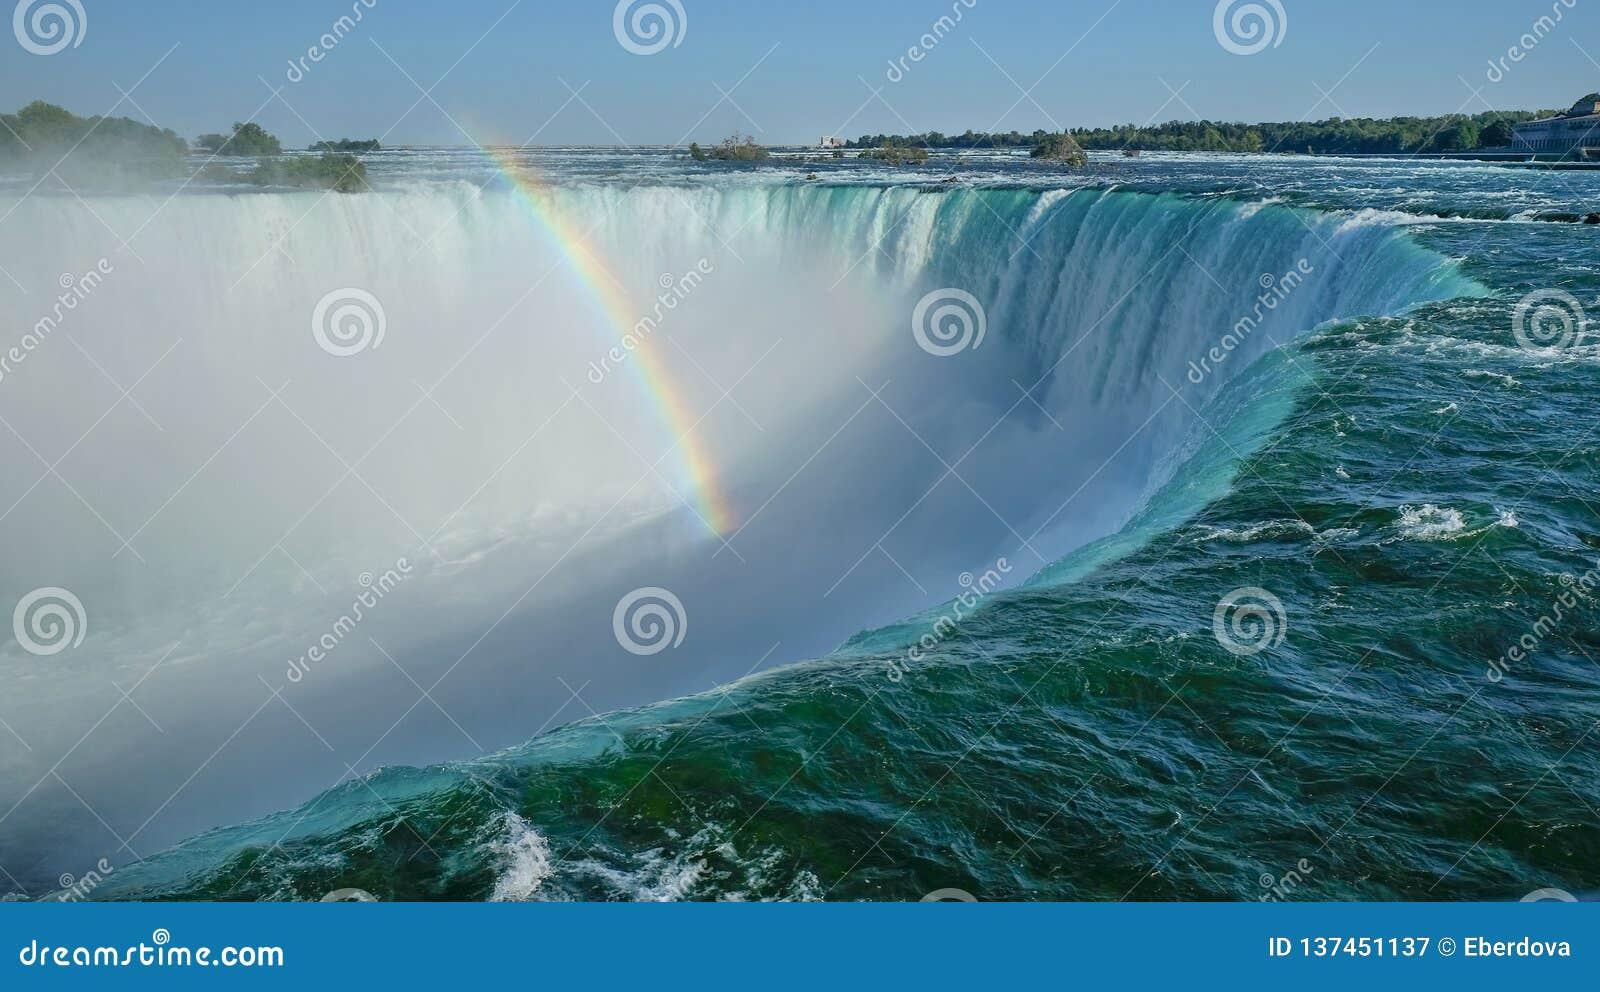 Vista unabstracted cercana del borde del acantilado de Niagara Falls del lado canadiense